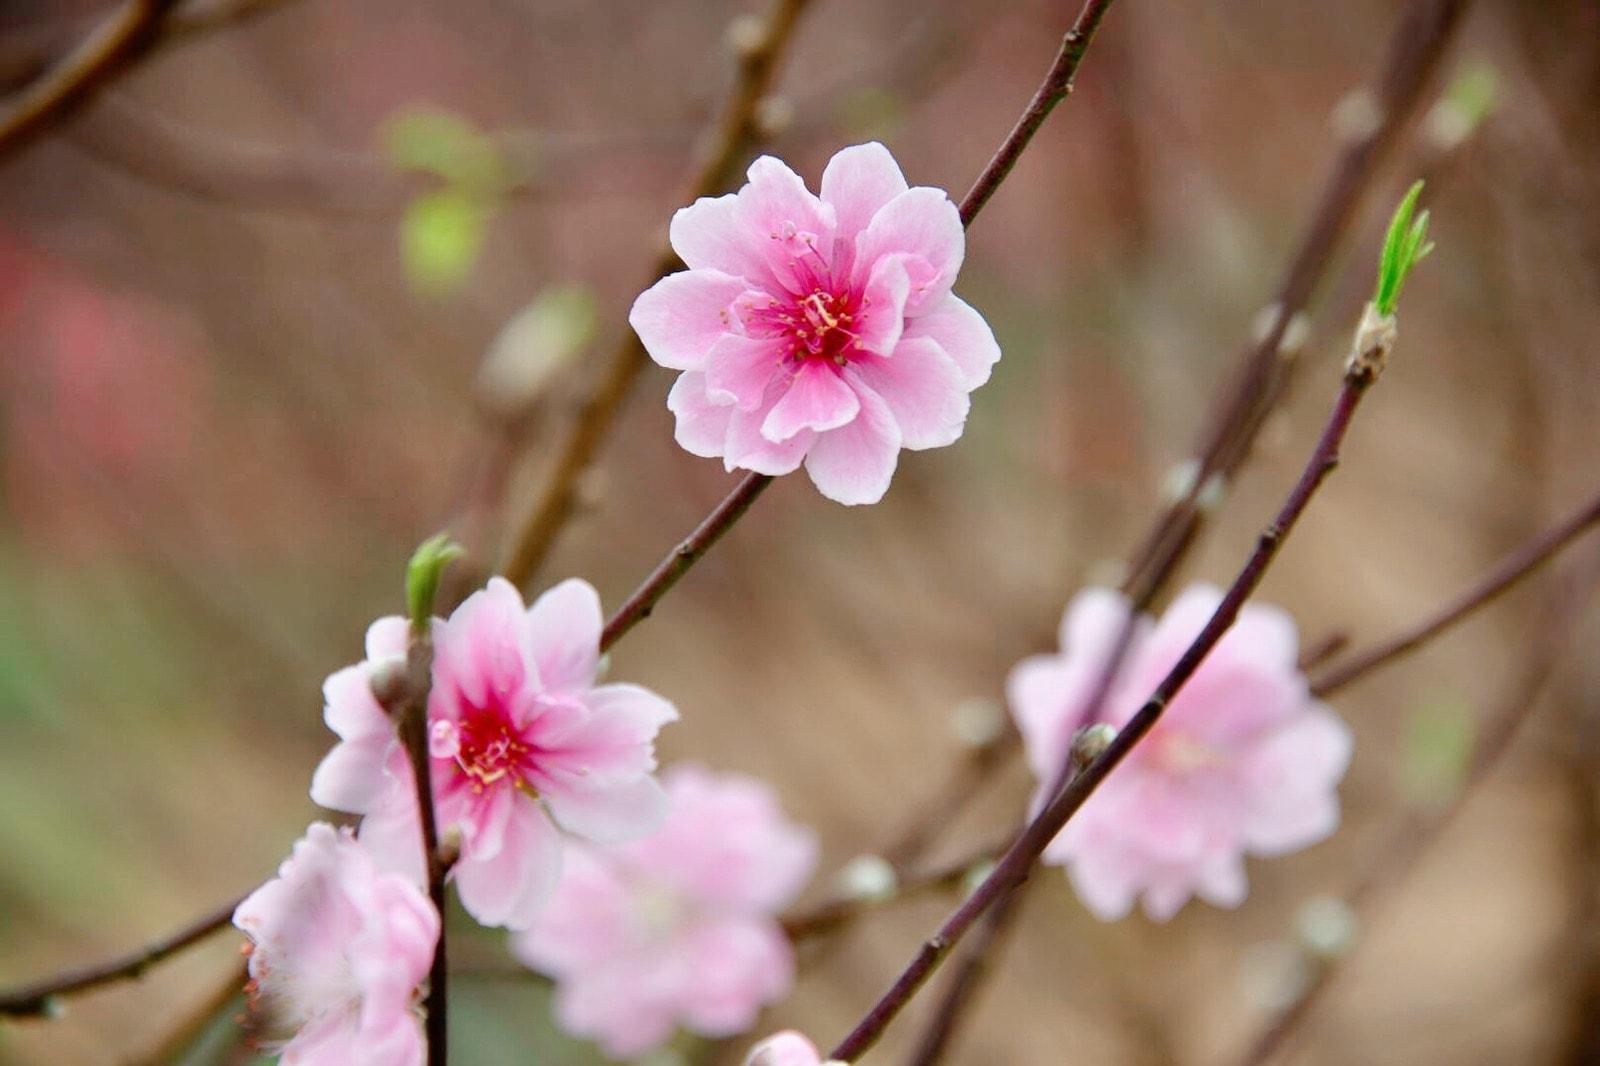 Peach blossoms, flower of vietnamese lunar new year